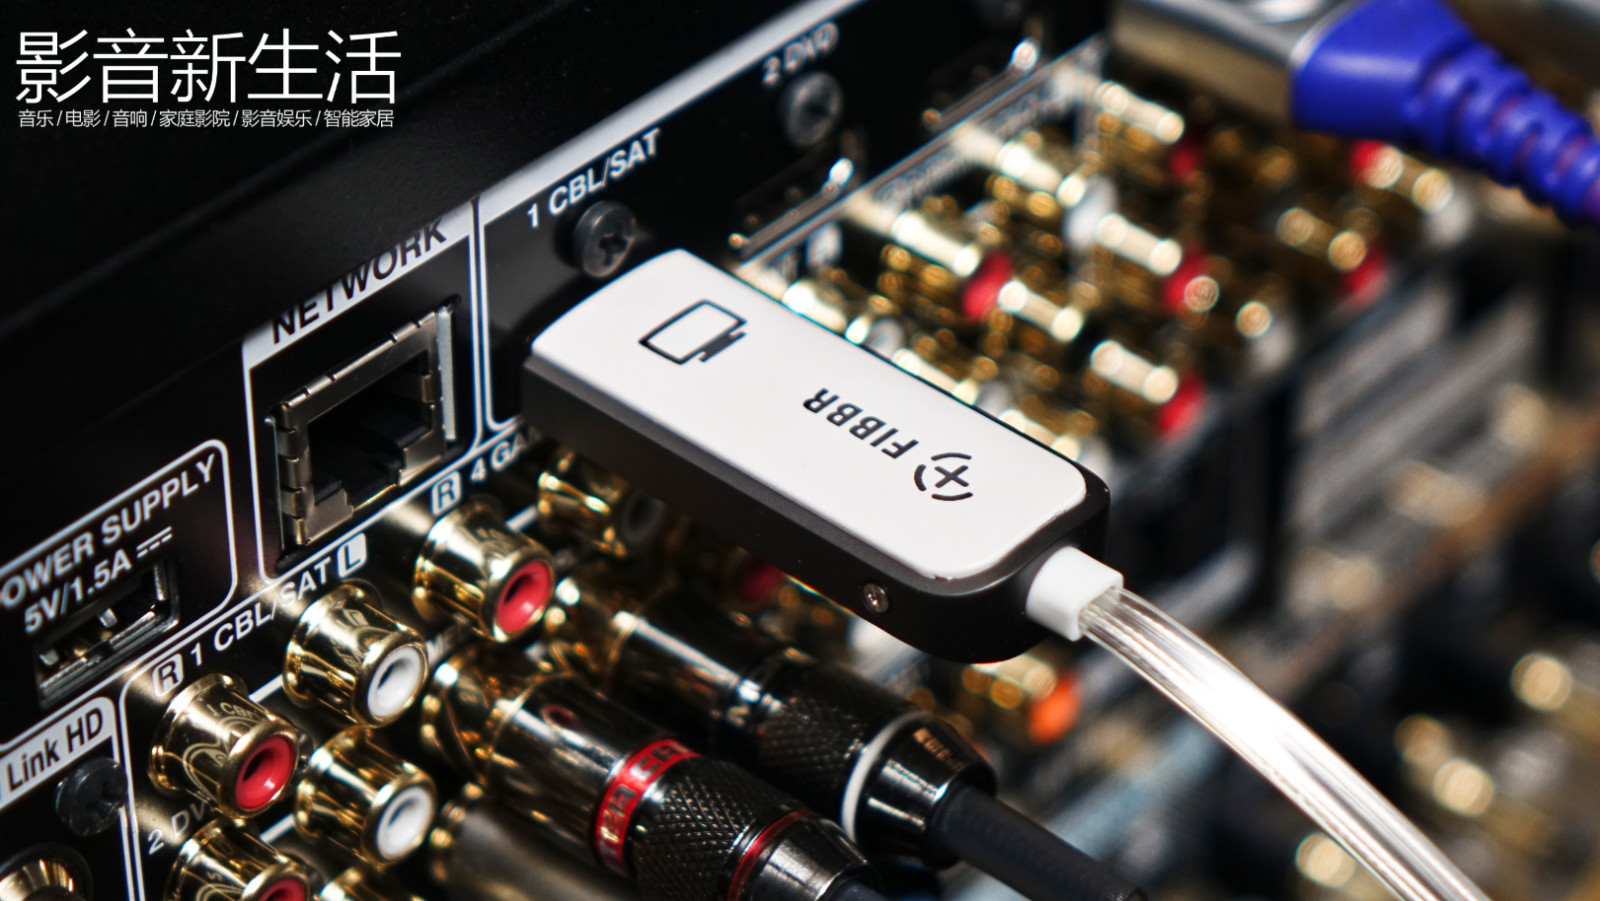 A1A14C13 EF58 4DB6 ADB0 55B860023665 - FIBBR 菲伯尔 Crystal HDMI 2.0线